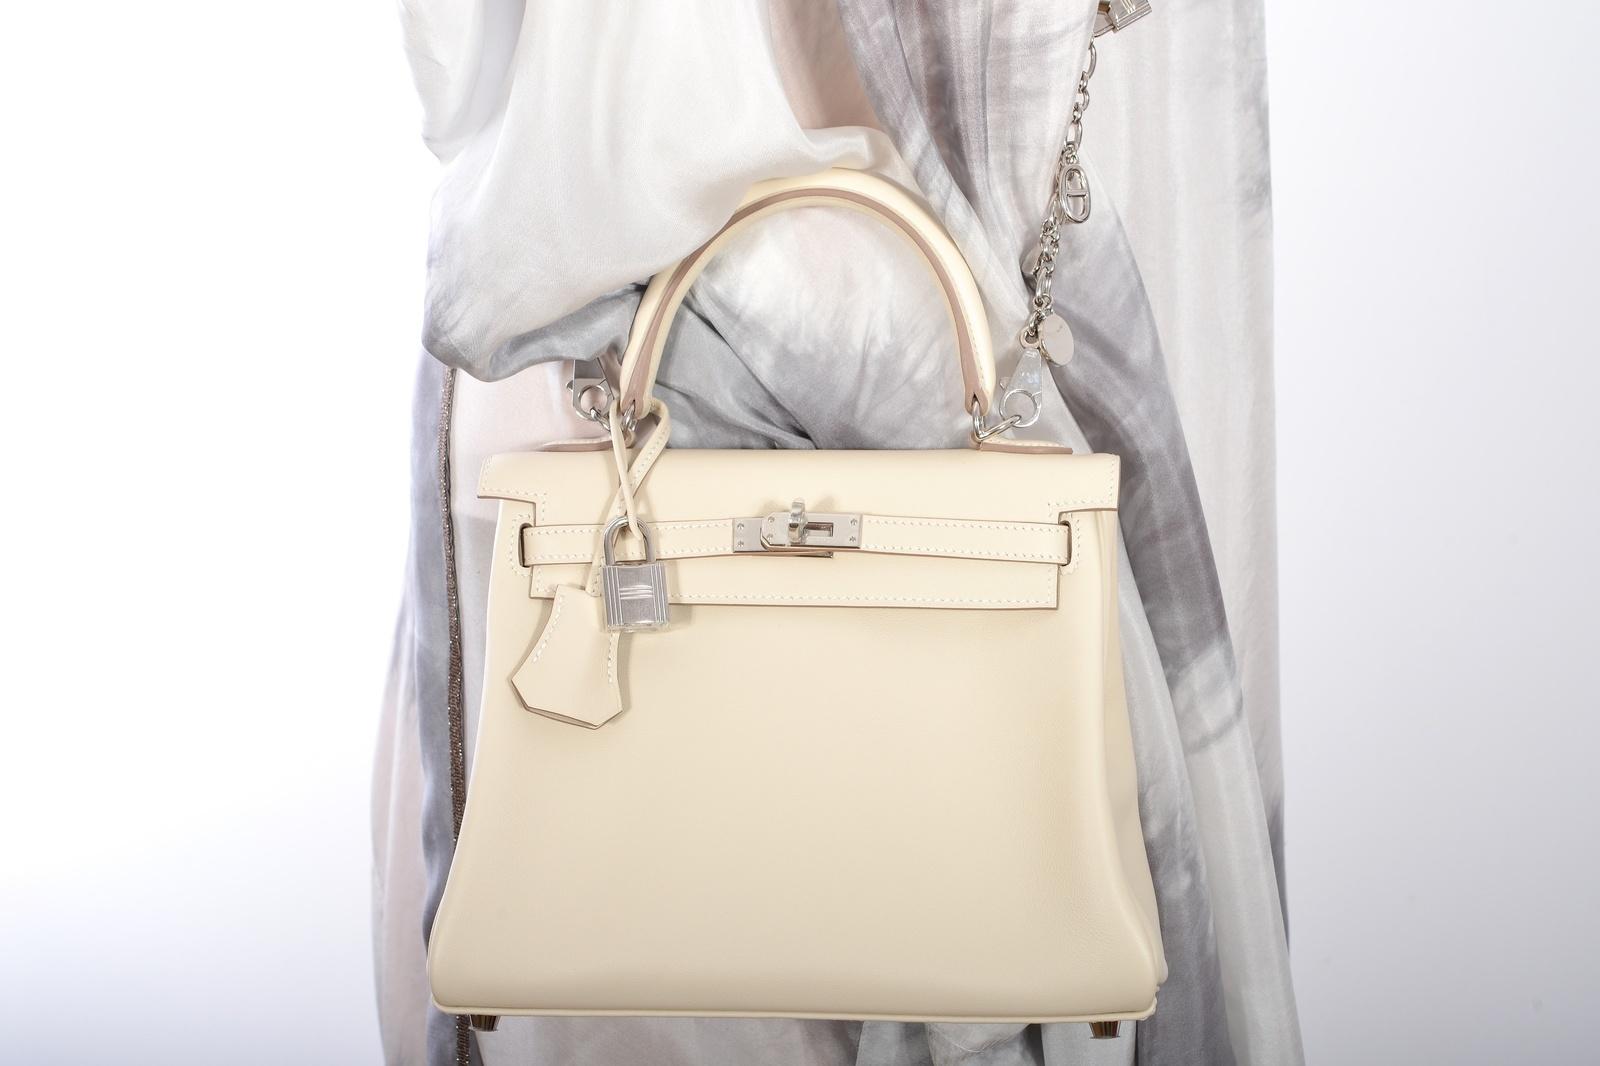 bf7242d80eaf Hermes Vintage25cm Craie Kelly Hermes Bag. CLOSE. Loading. Loading